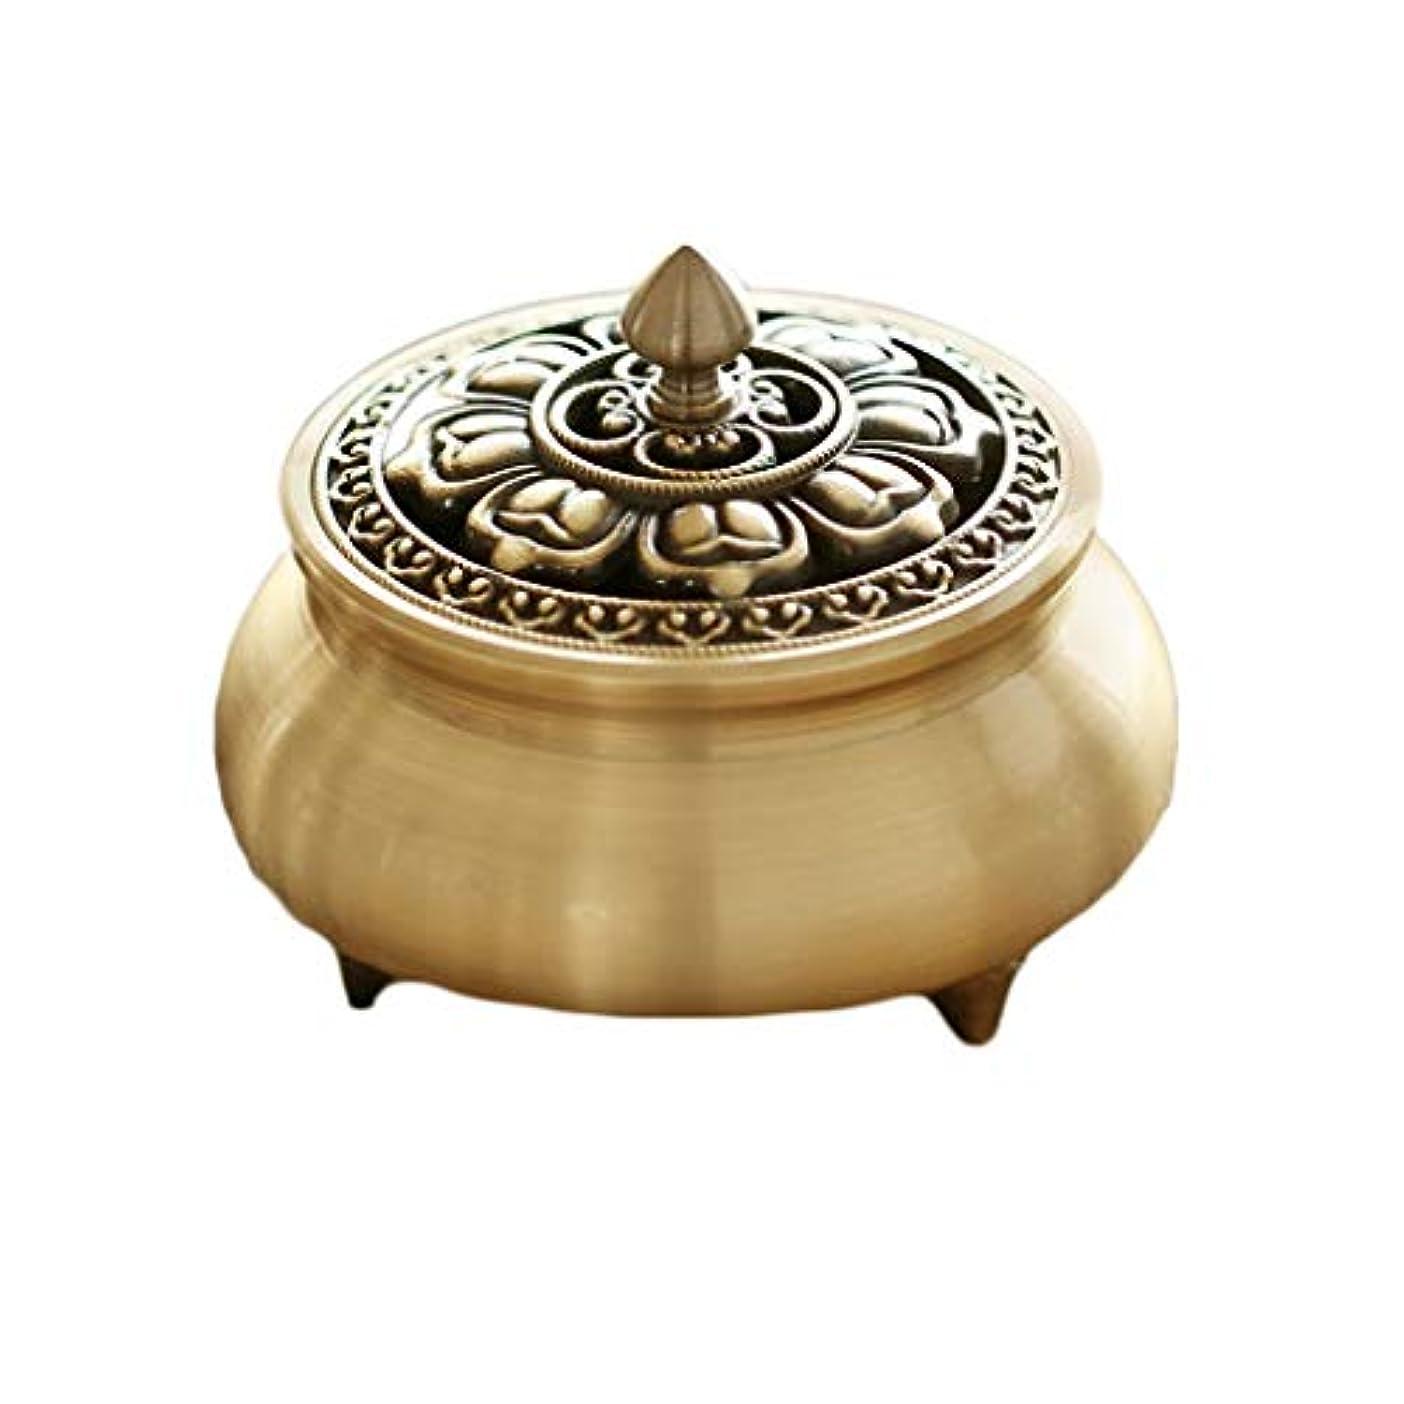 芳香器?アロマバーナー 純粋な銅香炉ホームアンティーク白檀用仏寒天香炉香り装飾アロマセラピー炉 アロマバーナー (Color : Brass)